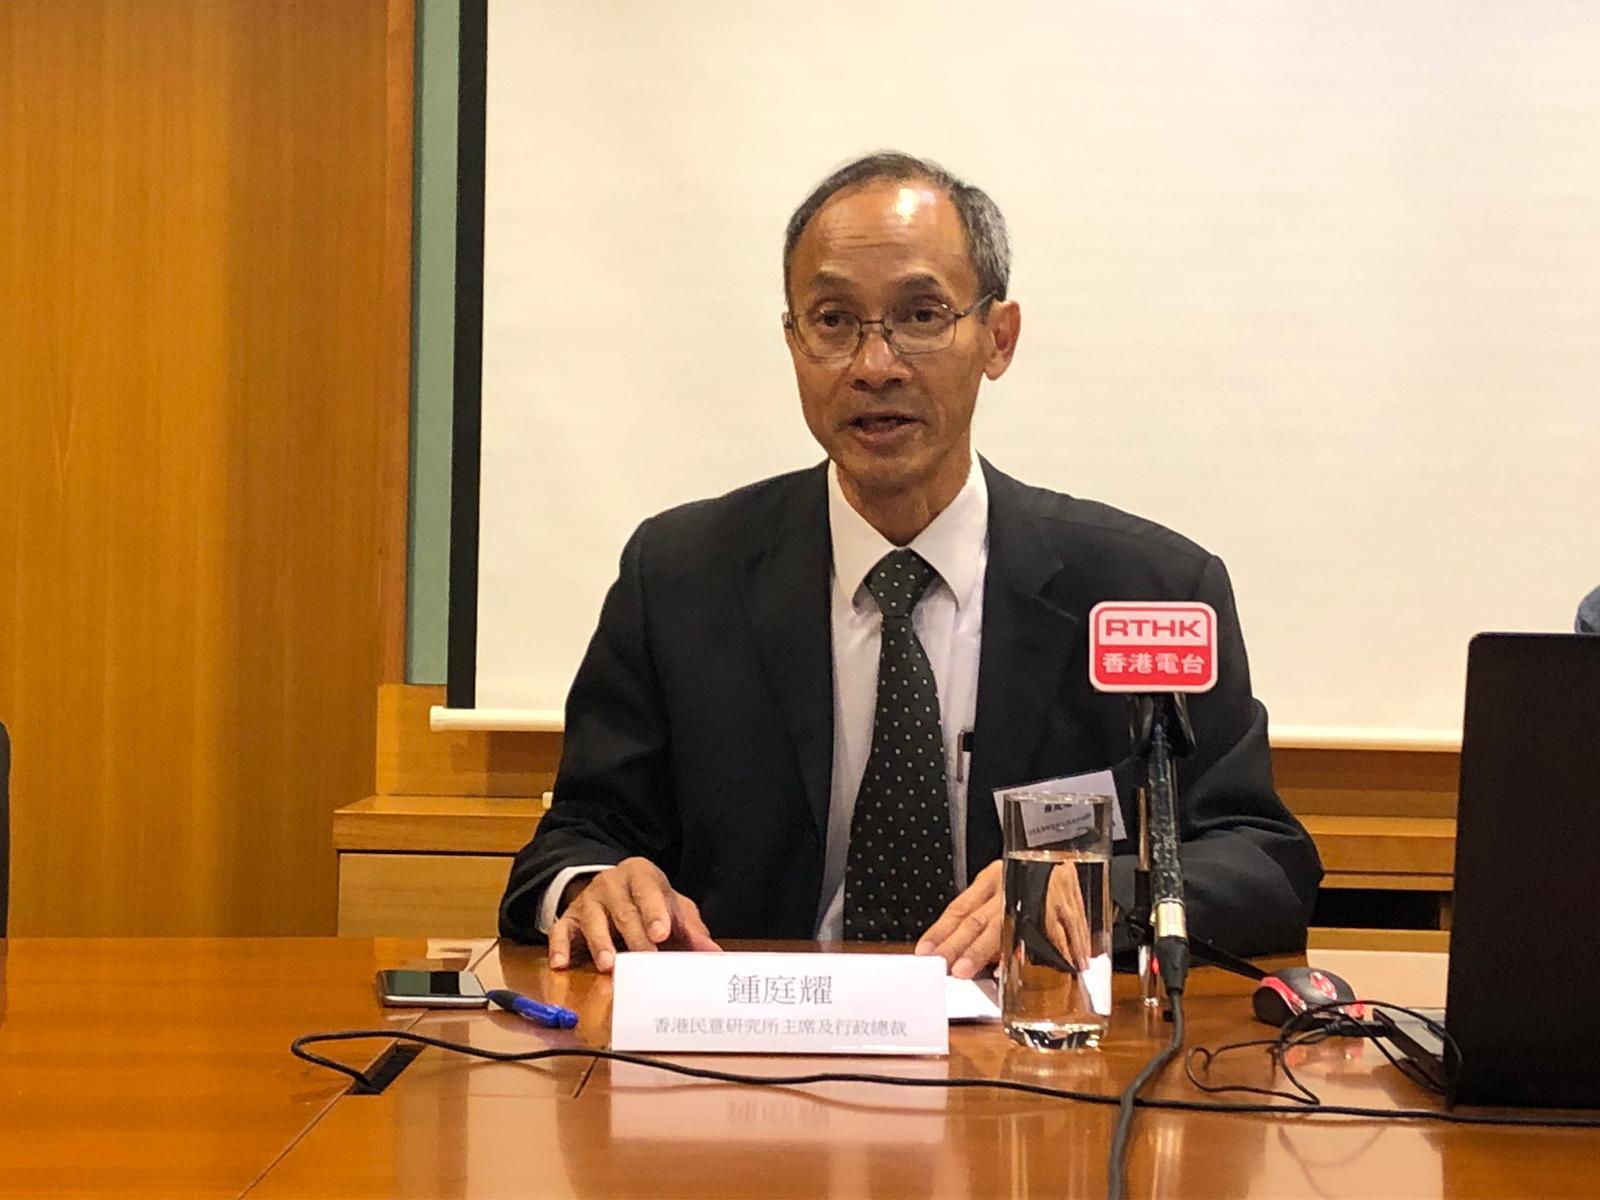 【修例风波】锺庭耀倡独立调查开枪事件 吁示威者和平争取